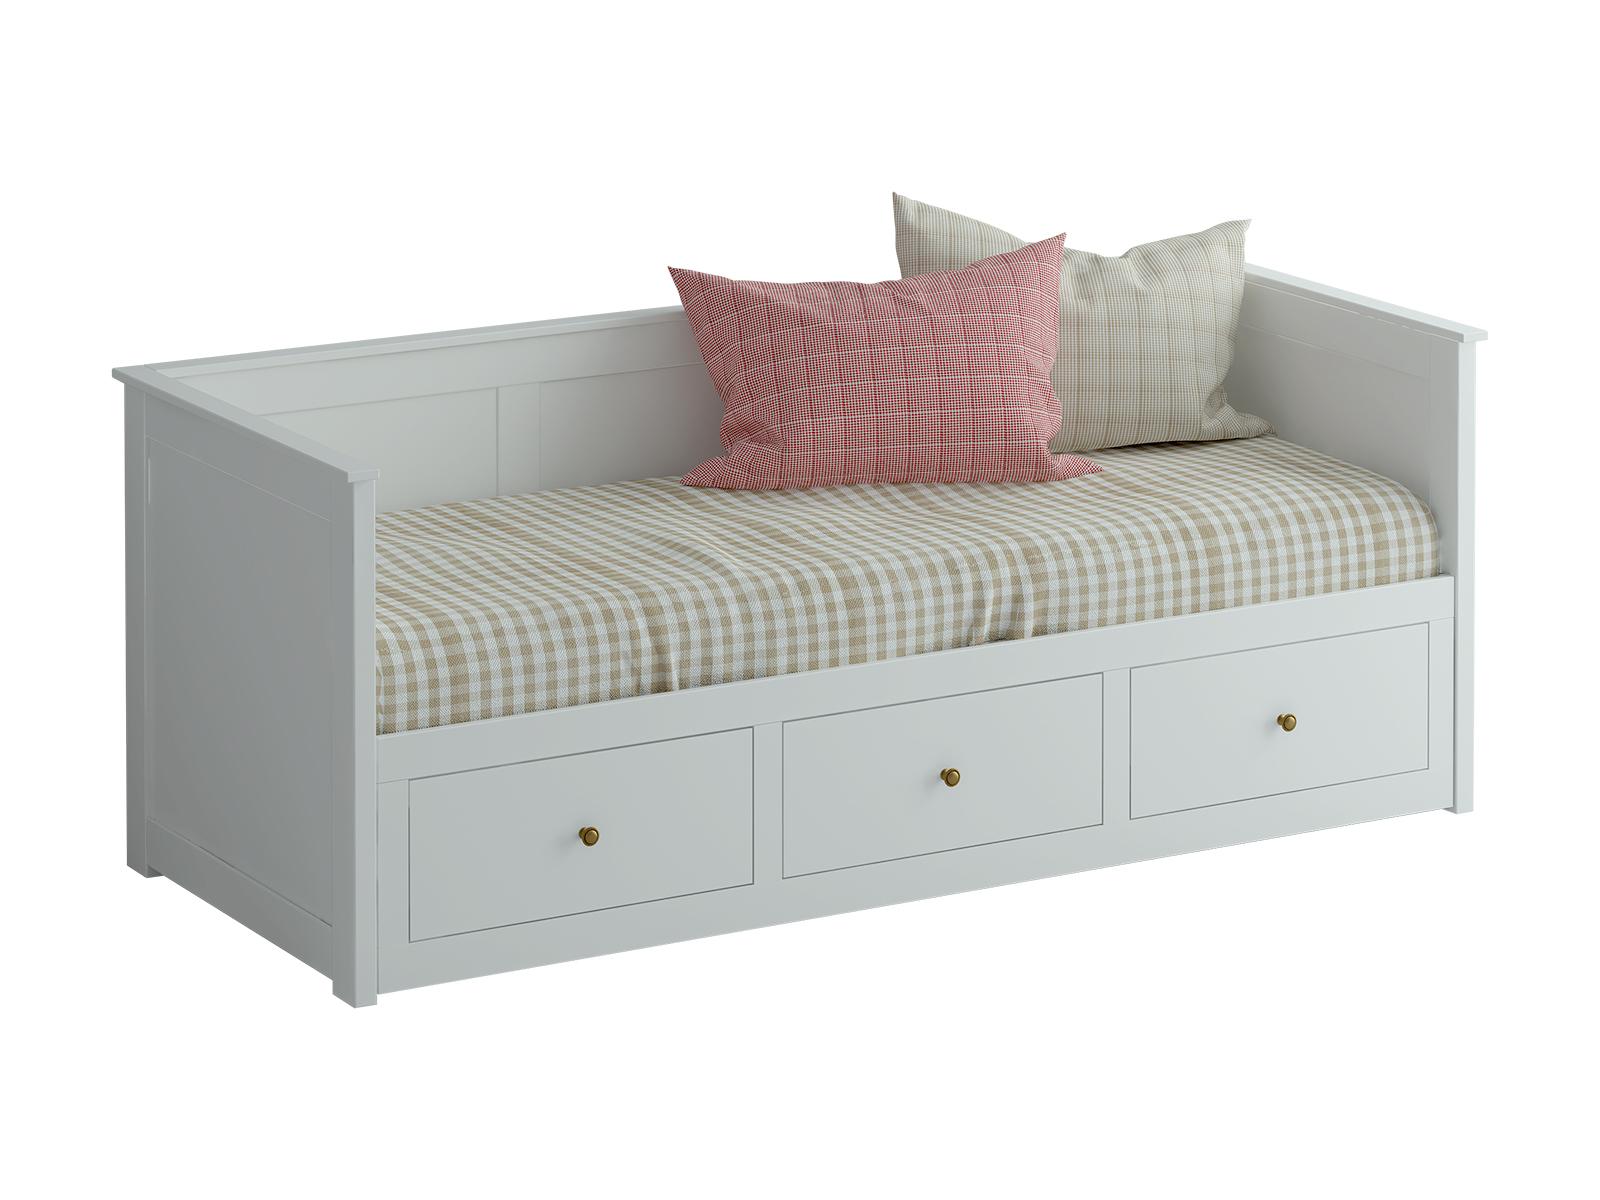 Кровать-кушетка ReinaДеревянные кровати<br>В задвинутом виде кушетка используется как односпальная кровать, в раздвинутом - как двухспальная. Выдвижная часть оснащенна тремя ящиками для хранения вещей. При использовании кровати-кушетки Reina в качестве раскладной двухспальной кровати рекомендуется применять специальный складной матрас.&amp;lt;div&amp;gt;&amp;lt;br&amp;gt;&amp;lt;/div&amp;gt;&amp;lt;div&amp;gt;Высота спального места 388 мм&amp;lt;/div&amp;gt;&amp;lt;div&amp;gt;Габариты в разложенном виде: 165х83х211 см&amp;lt;/div&amp;gt;&amp;lt;div&amp;gt;Материал: ЛДСП&amp;lt;br&amp;gt;&amp;lt;/div&amp;gt;<br><br>Material: Текстиль<br>Length см: 211<br>Width см: 89<br>Height см: 83